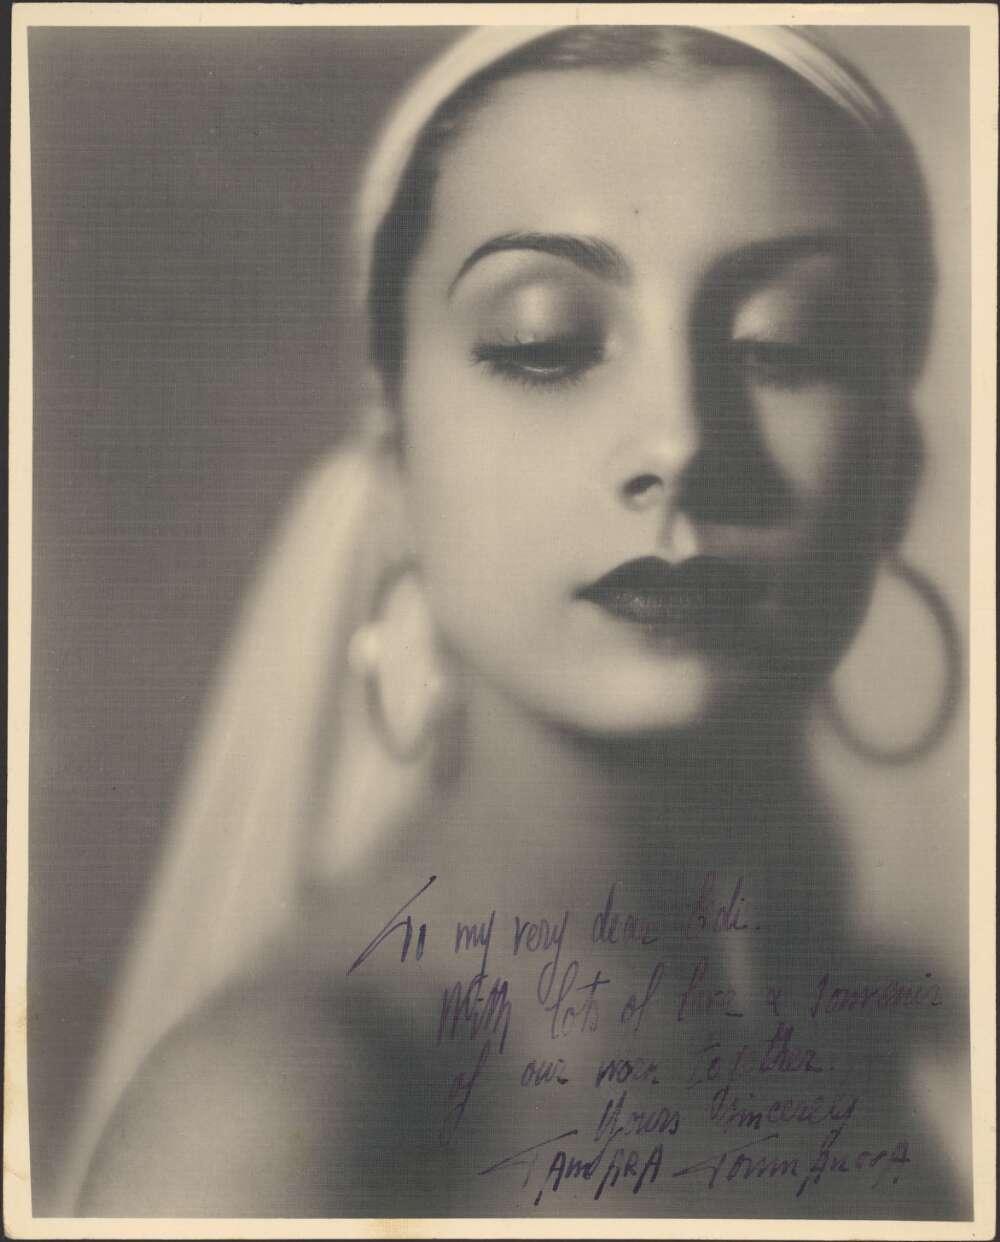 Балерина Тамара Туманова (1919 - 1996). Фотографии из коллекции Национальной библиотеки Австралии (National Library of Australia)